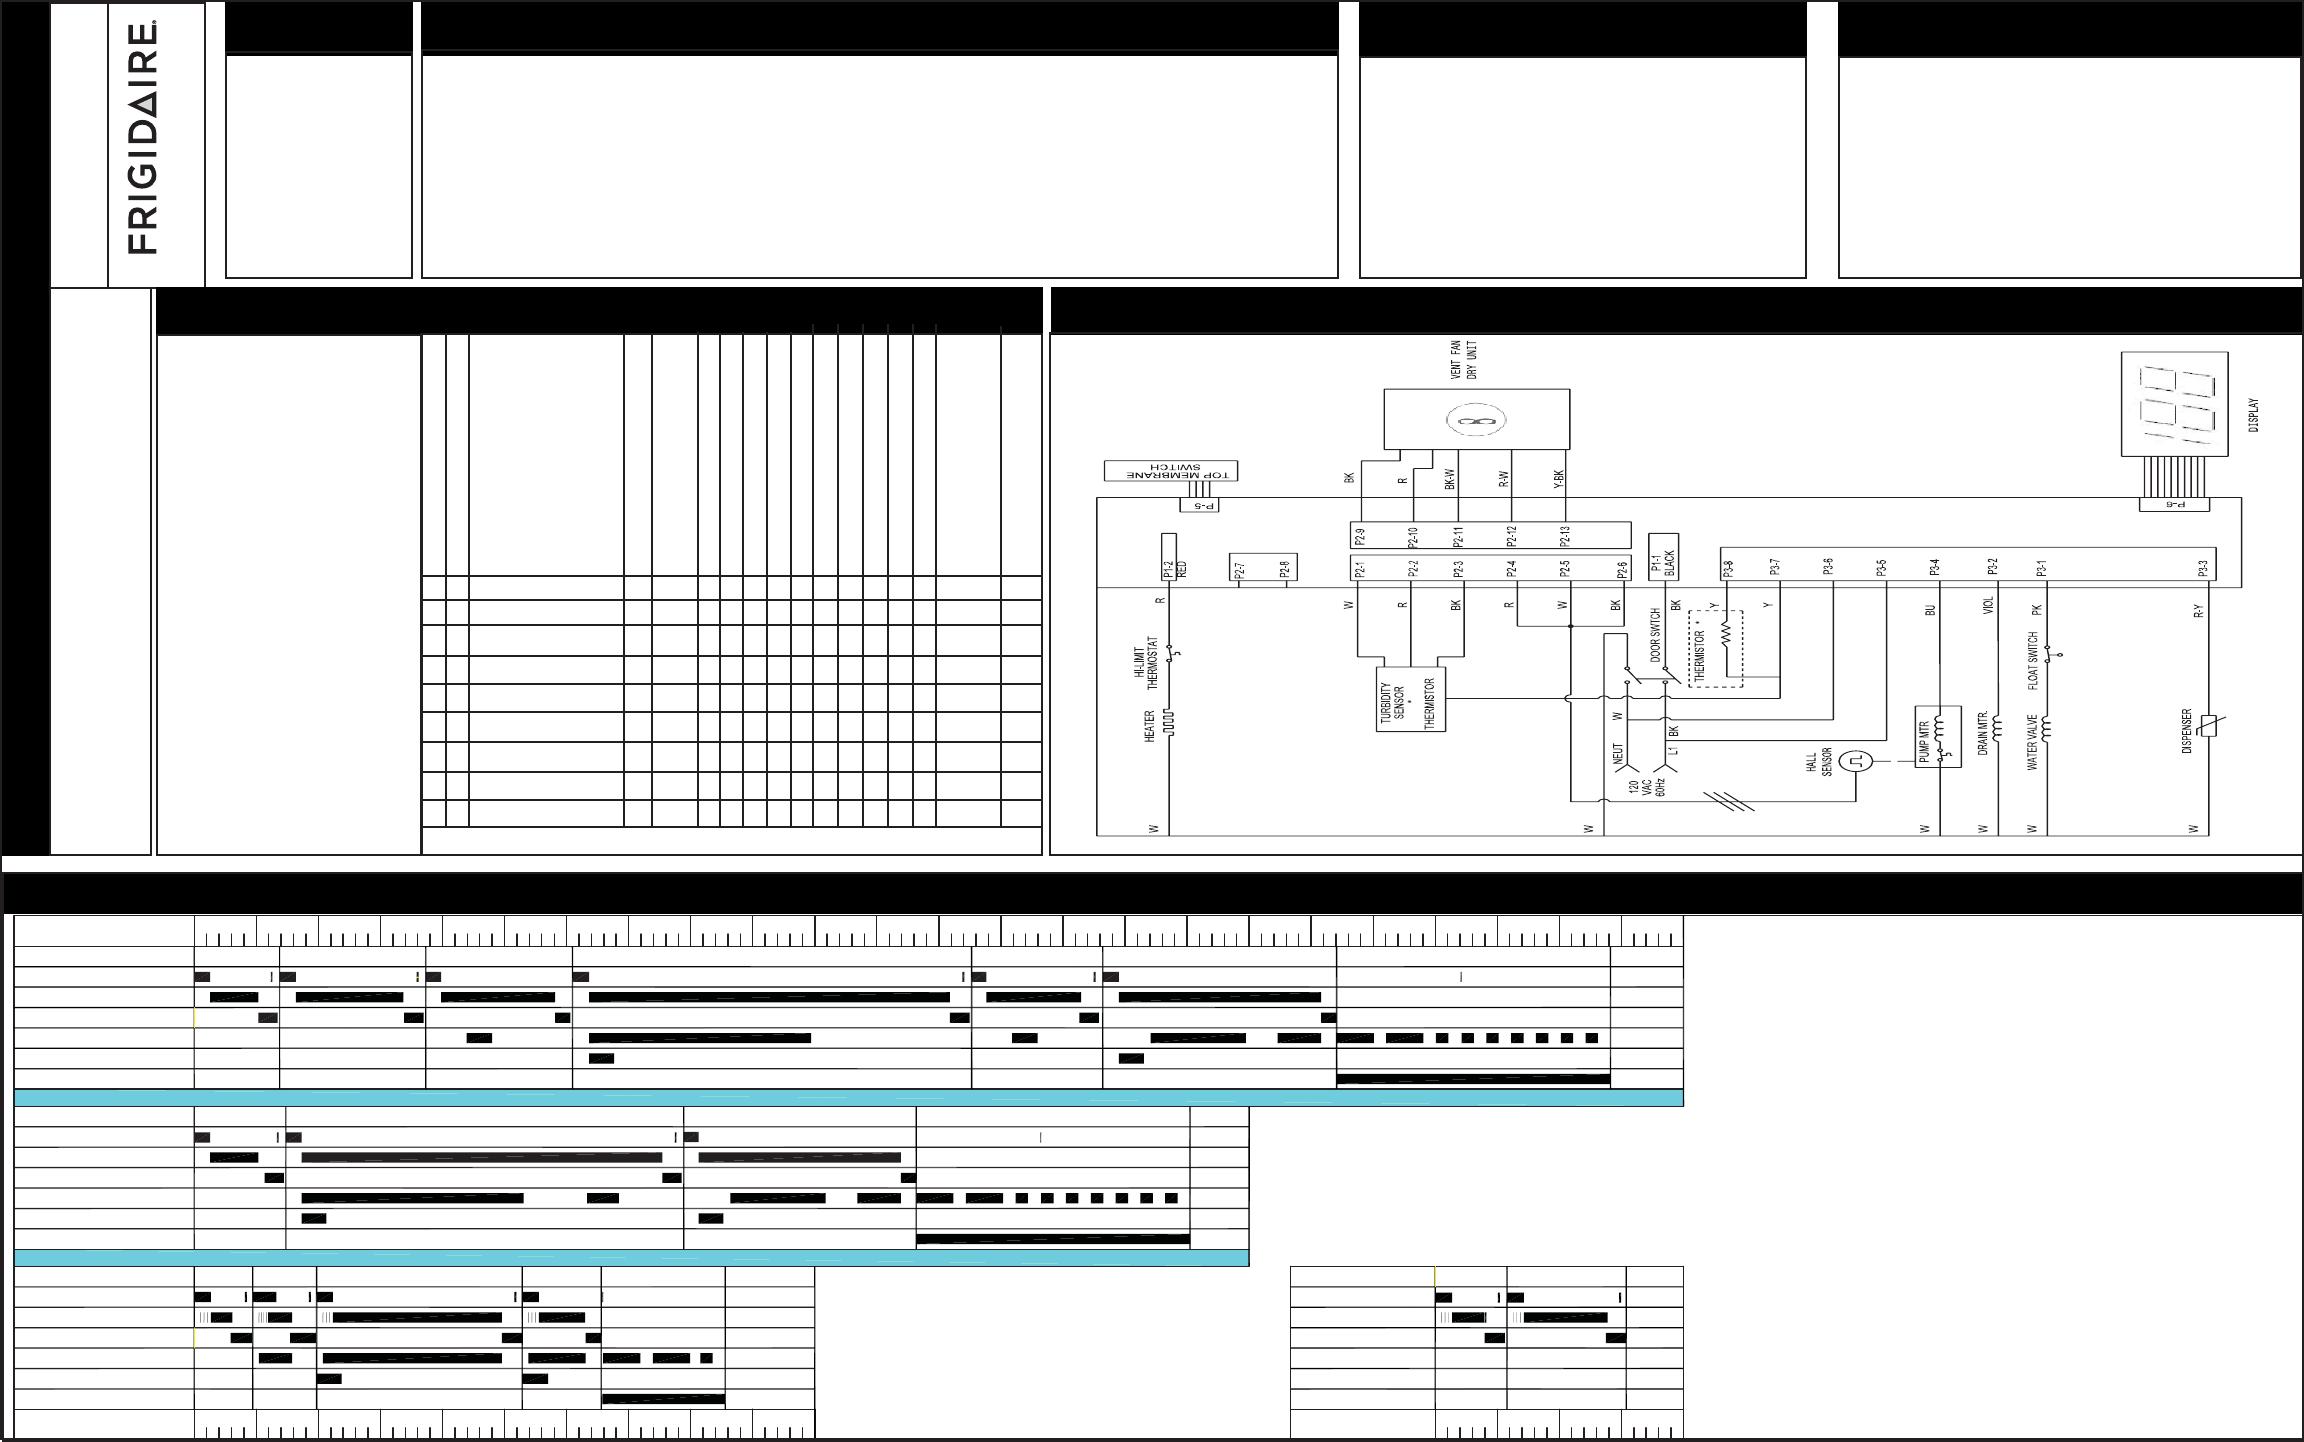 frigidaire valve wiring diagram frigidaire fgid2466qb wiring diagram 808463501b  frigidaire fgid2466qb wiring diagram